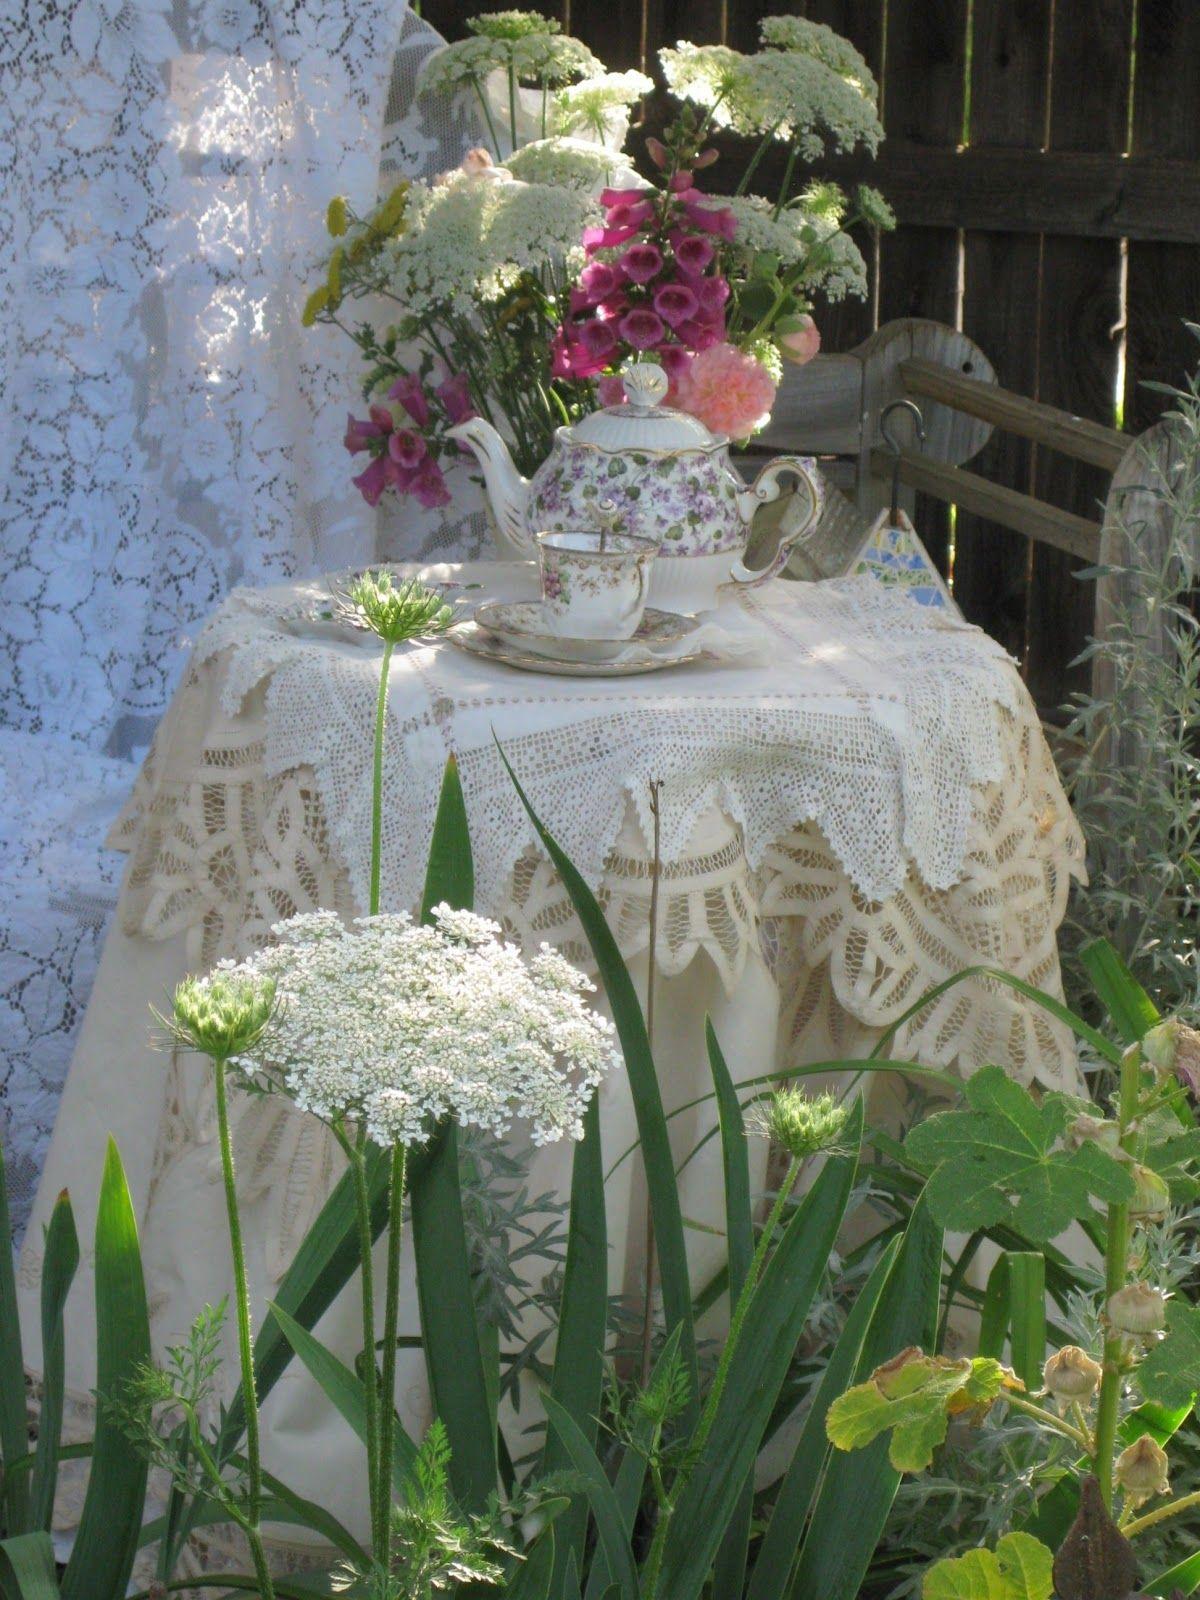 Lace and tea...romantic idea in the garden, garden idea, idée pour le jardin, ideo por la ĝardenon, Идея для сада,Idee für den Garten